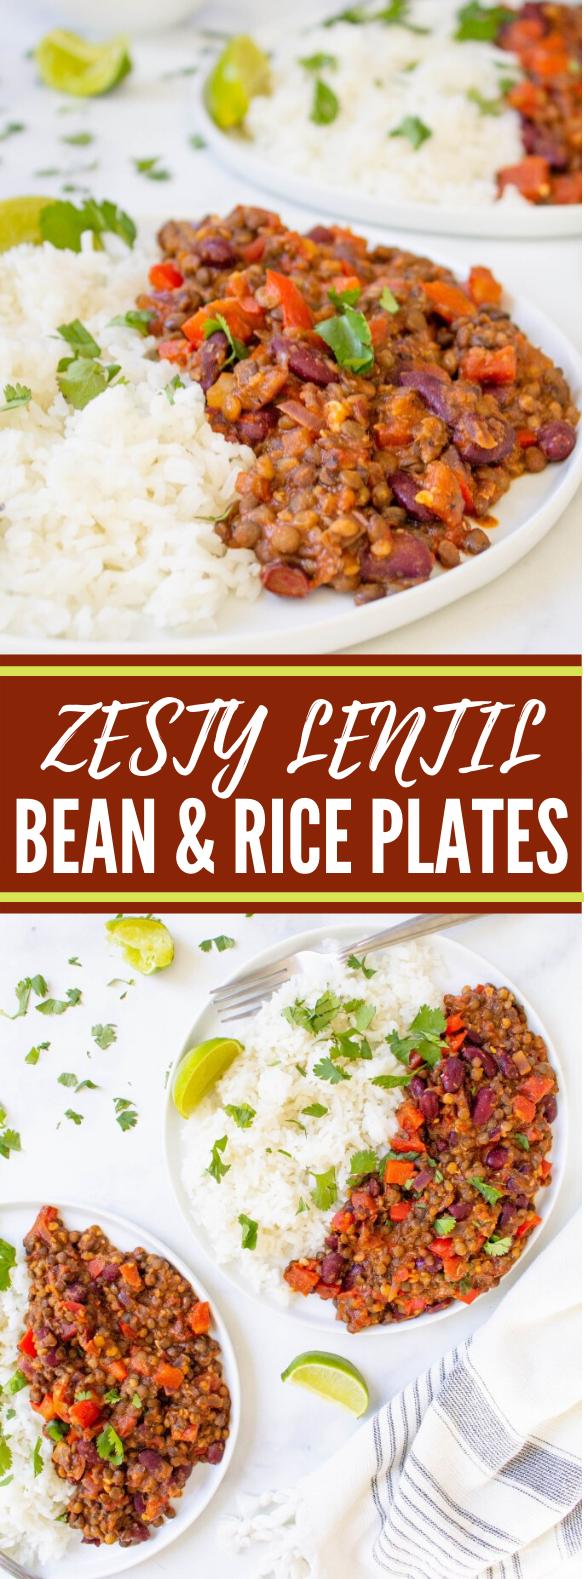 Zesty Lentil, Bean & Rice Plates #vegetarian #dinner